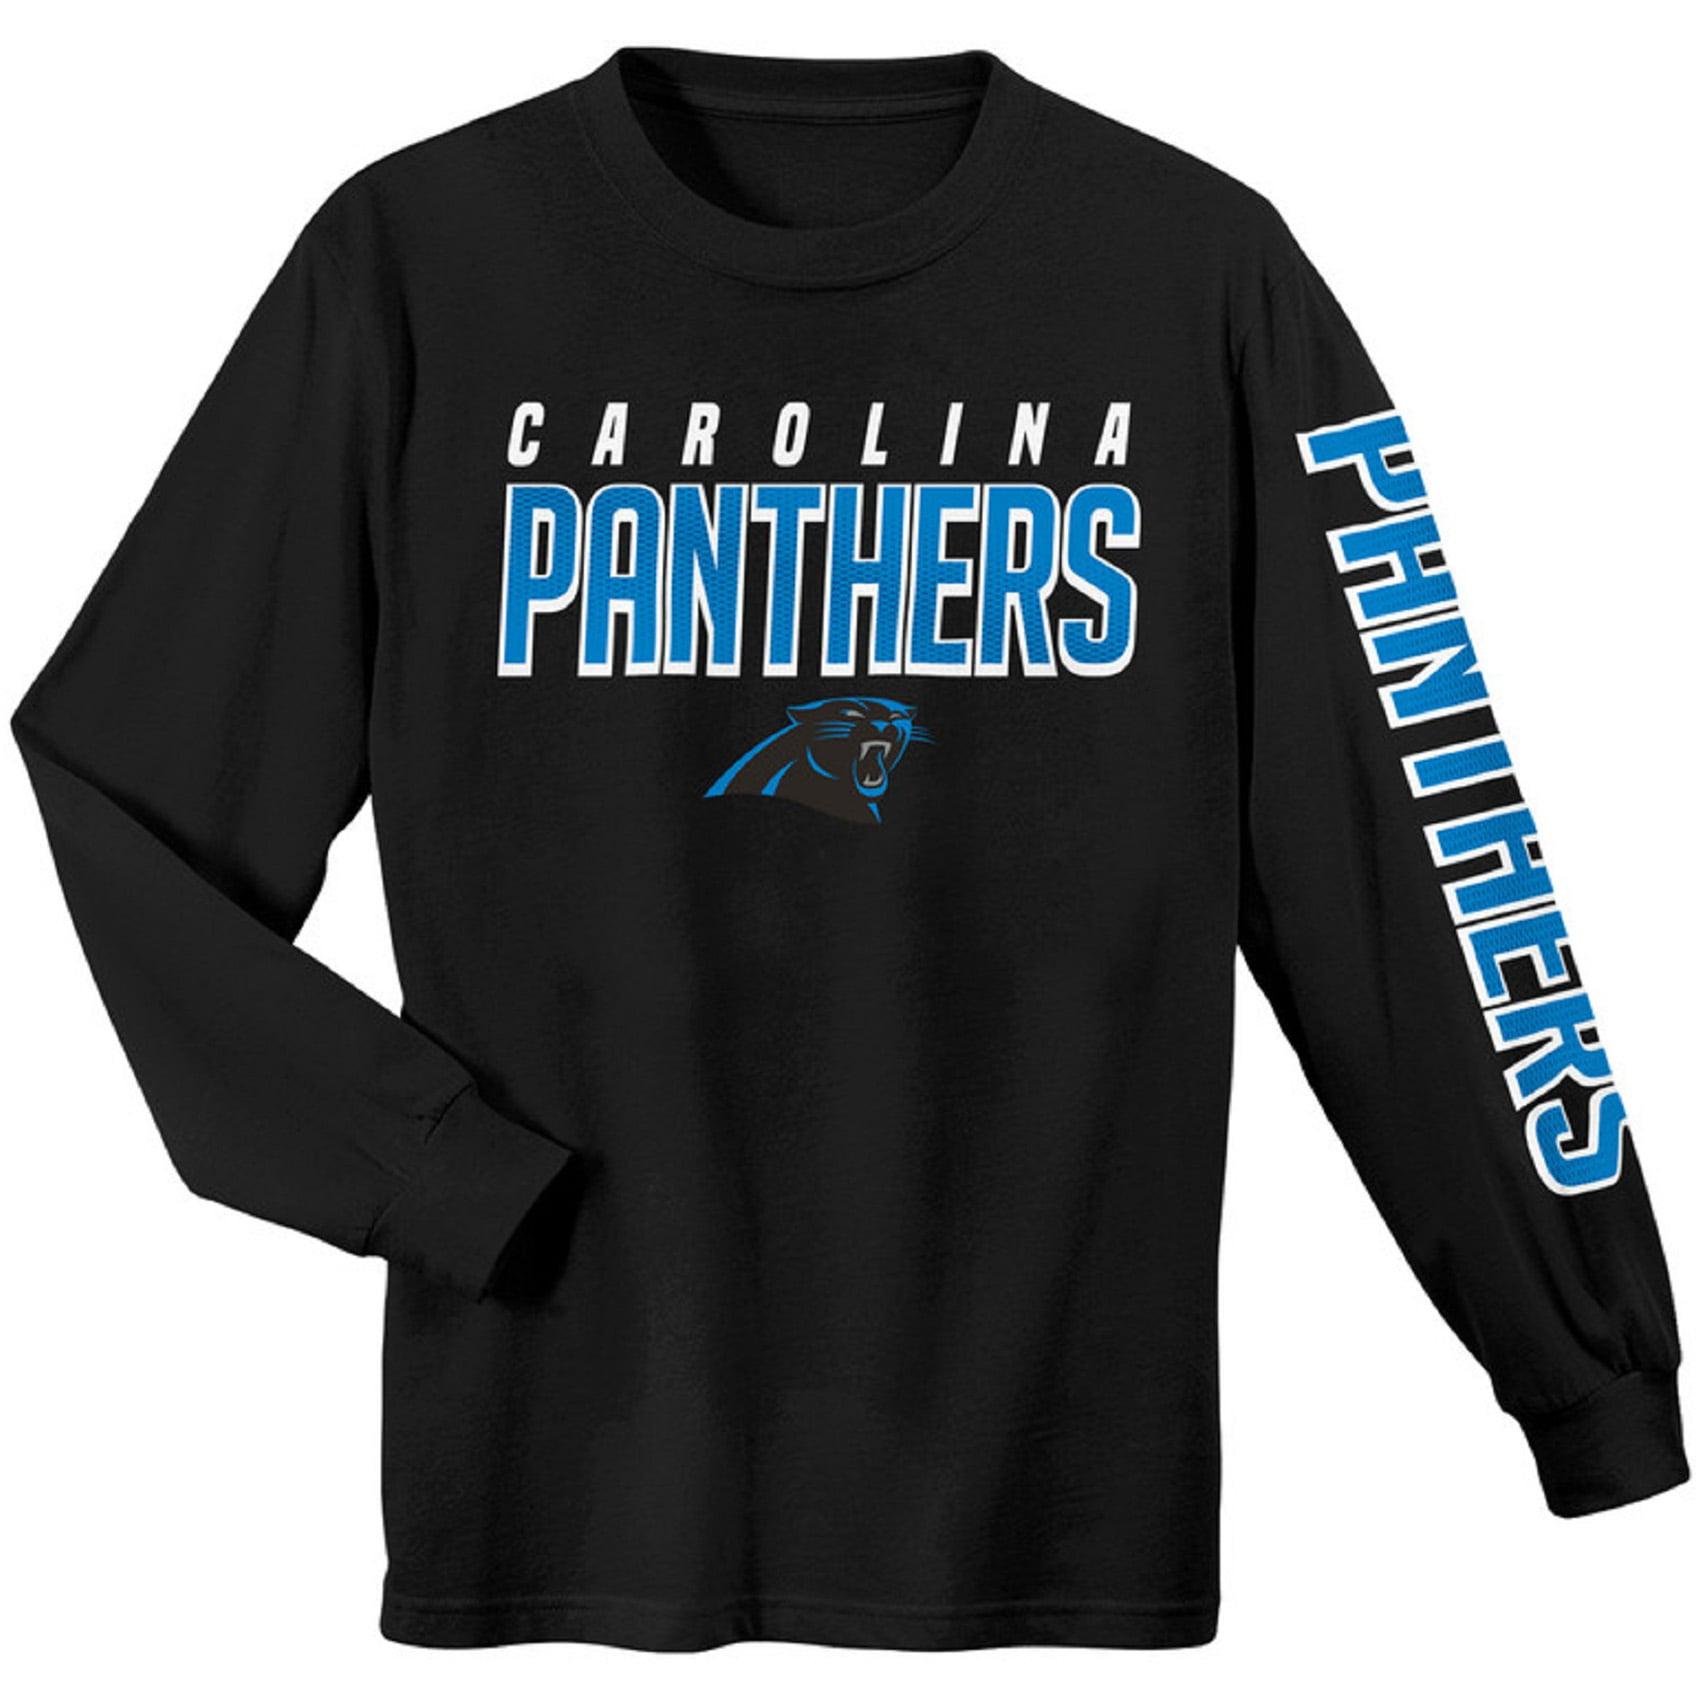 Youth Black Carolina Panthers Sleeve Hit Long Sleeve T-Shirt